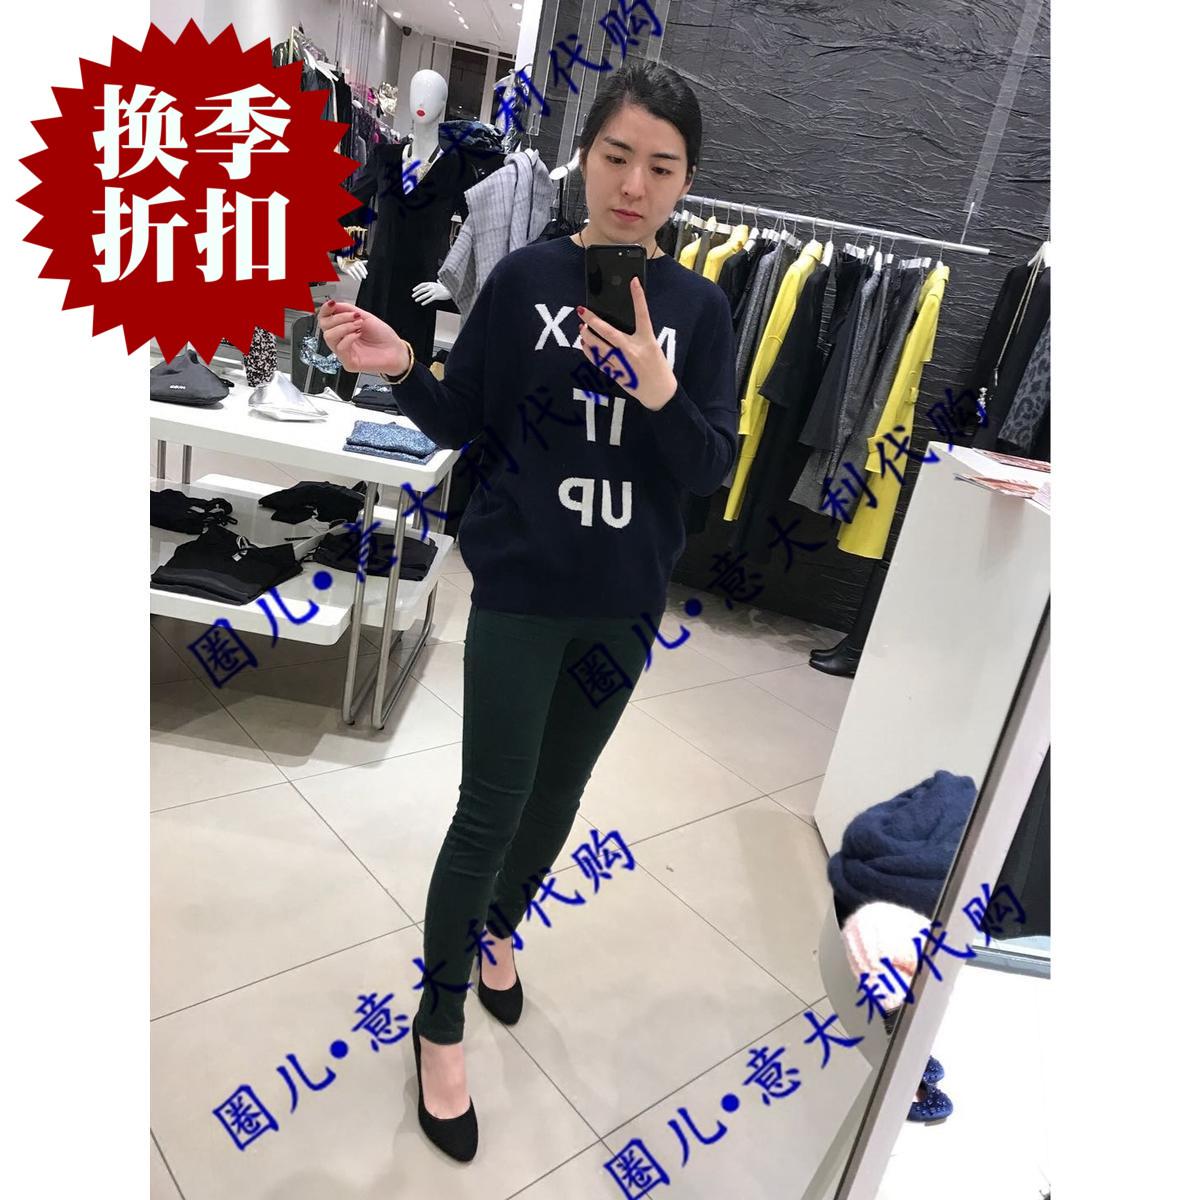 Свитер женский 【Стране】Италии закупать Макс&co2018 весной и летом шею с длинными рукавами свитер буквы домани